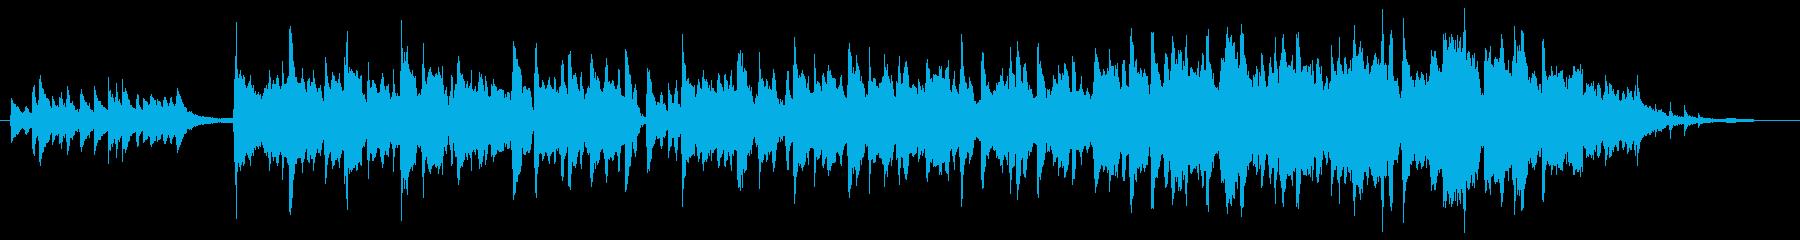 尺八、琴の優しいメロディーのジングルの再生済みの波形